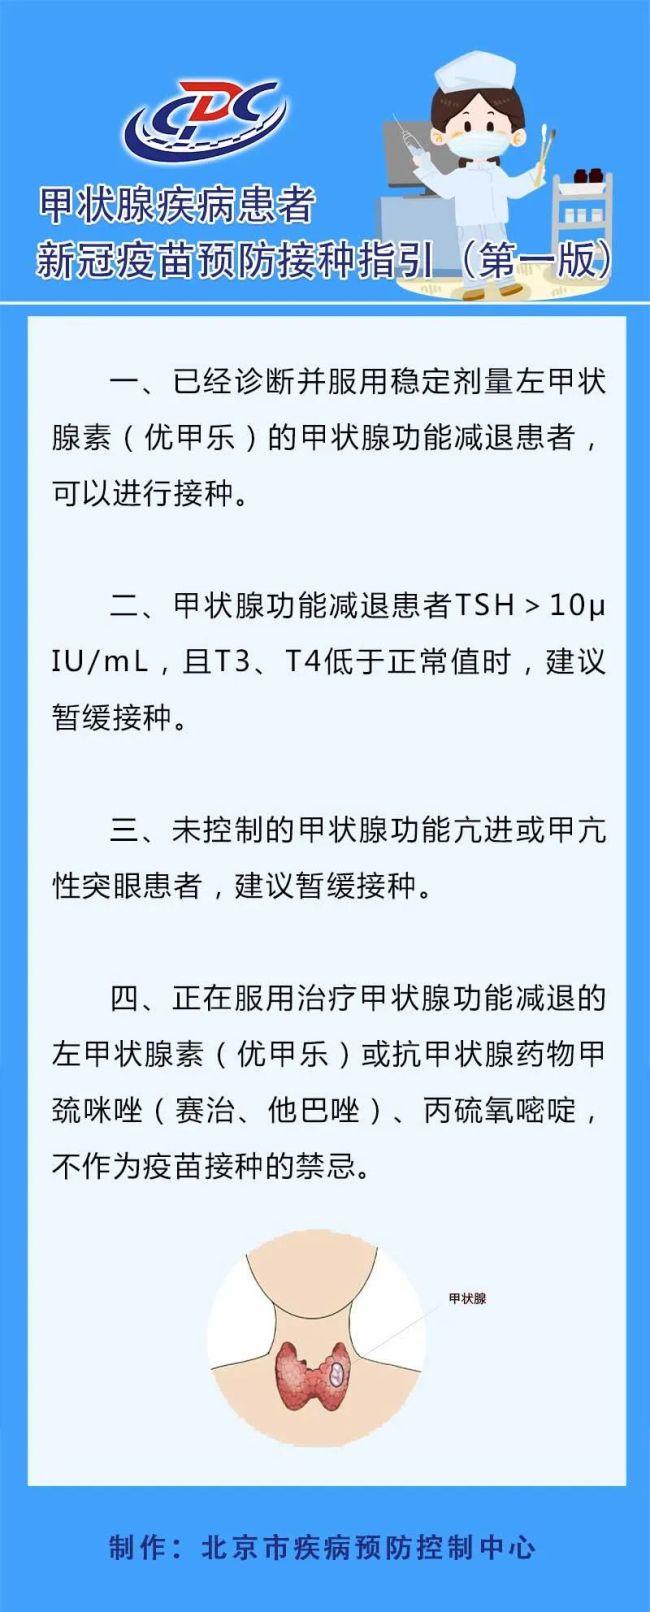 甲状腺疾病患者新冠疫苗如何接种,北京疾控发布指引